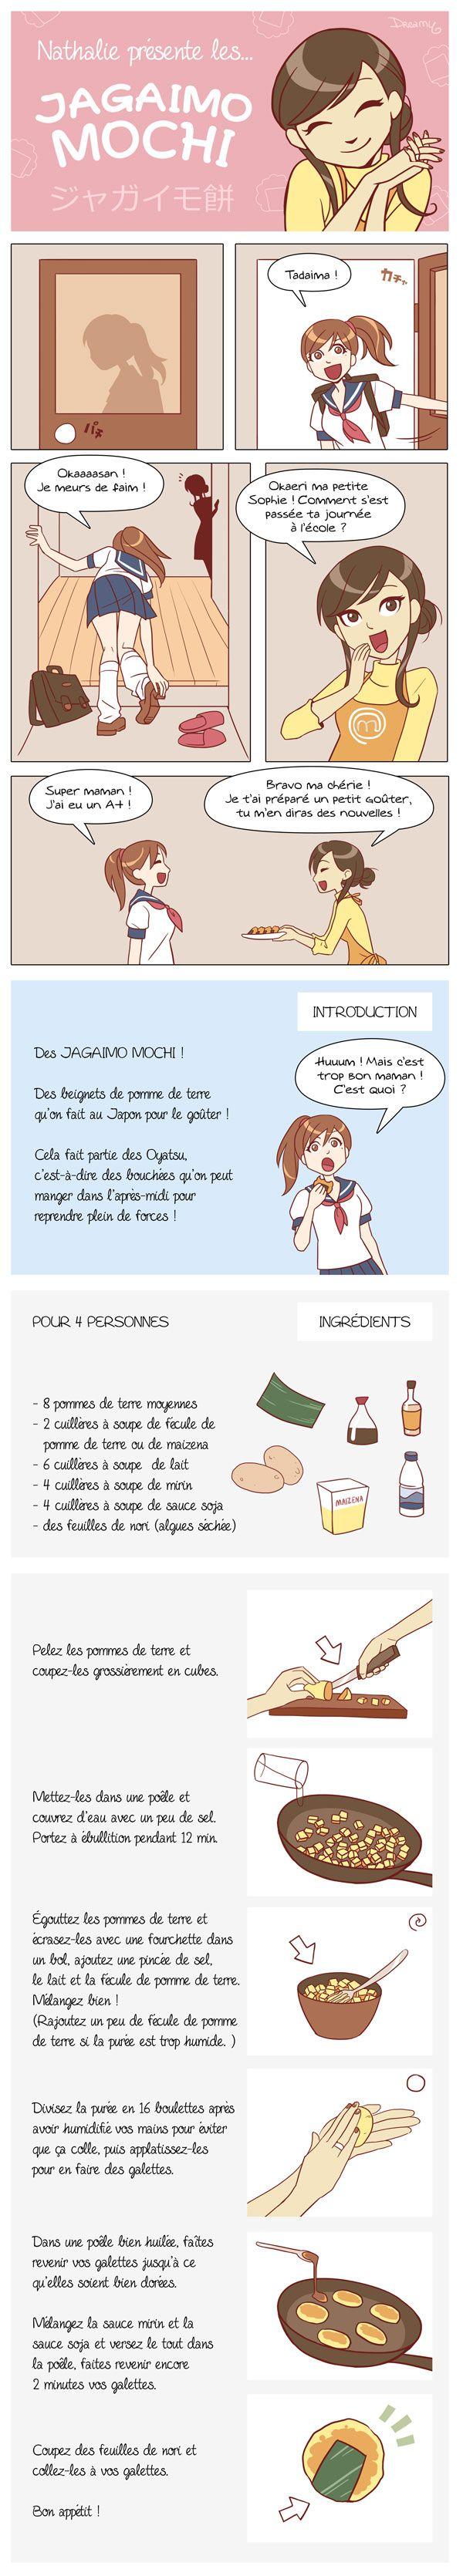 CUISINE - La recette des Jagaimo Mochi en BD - Des beignets de pomme de terre que l'on fait au Japon pour le goûter                                                                                                                                                     Plus